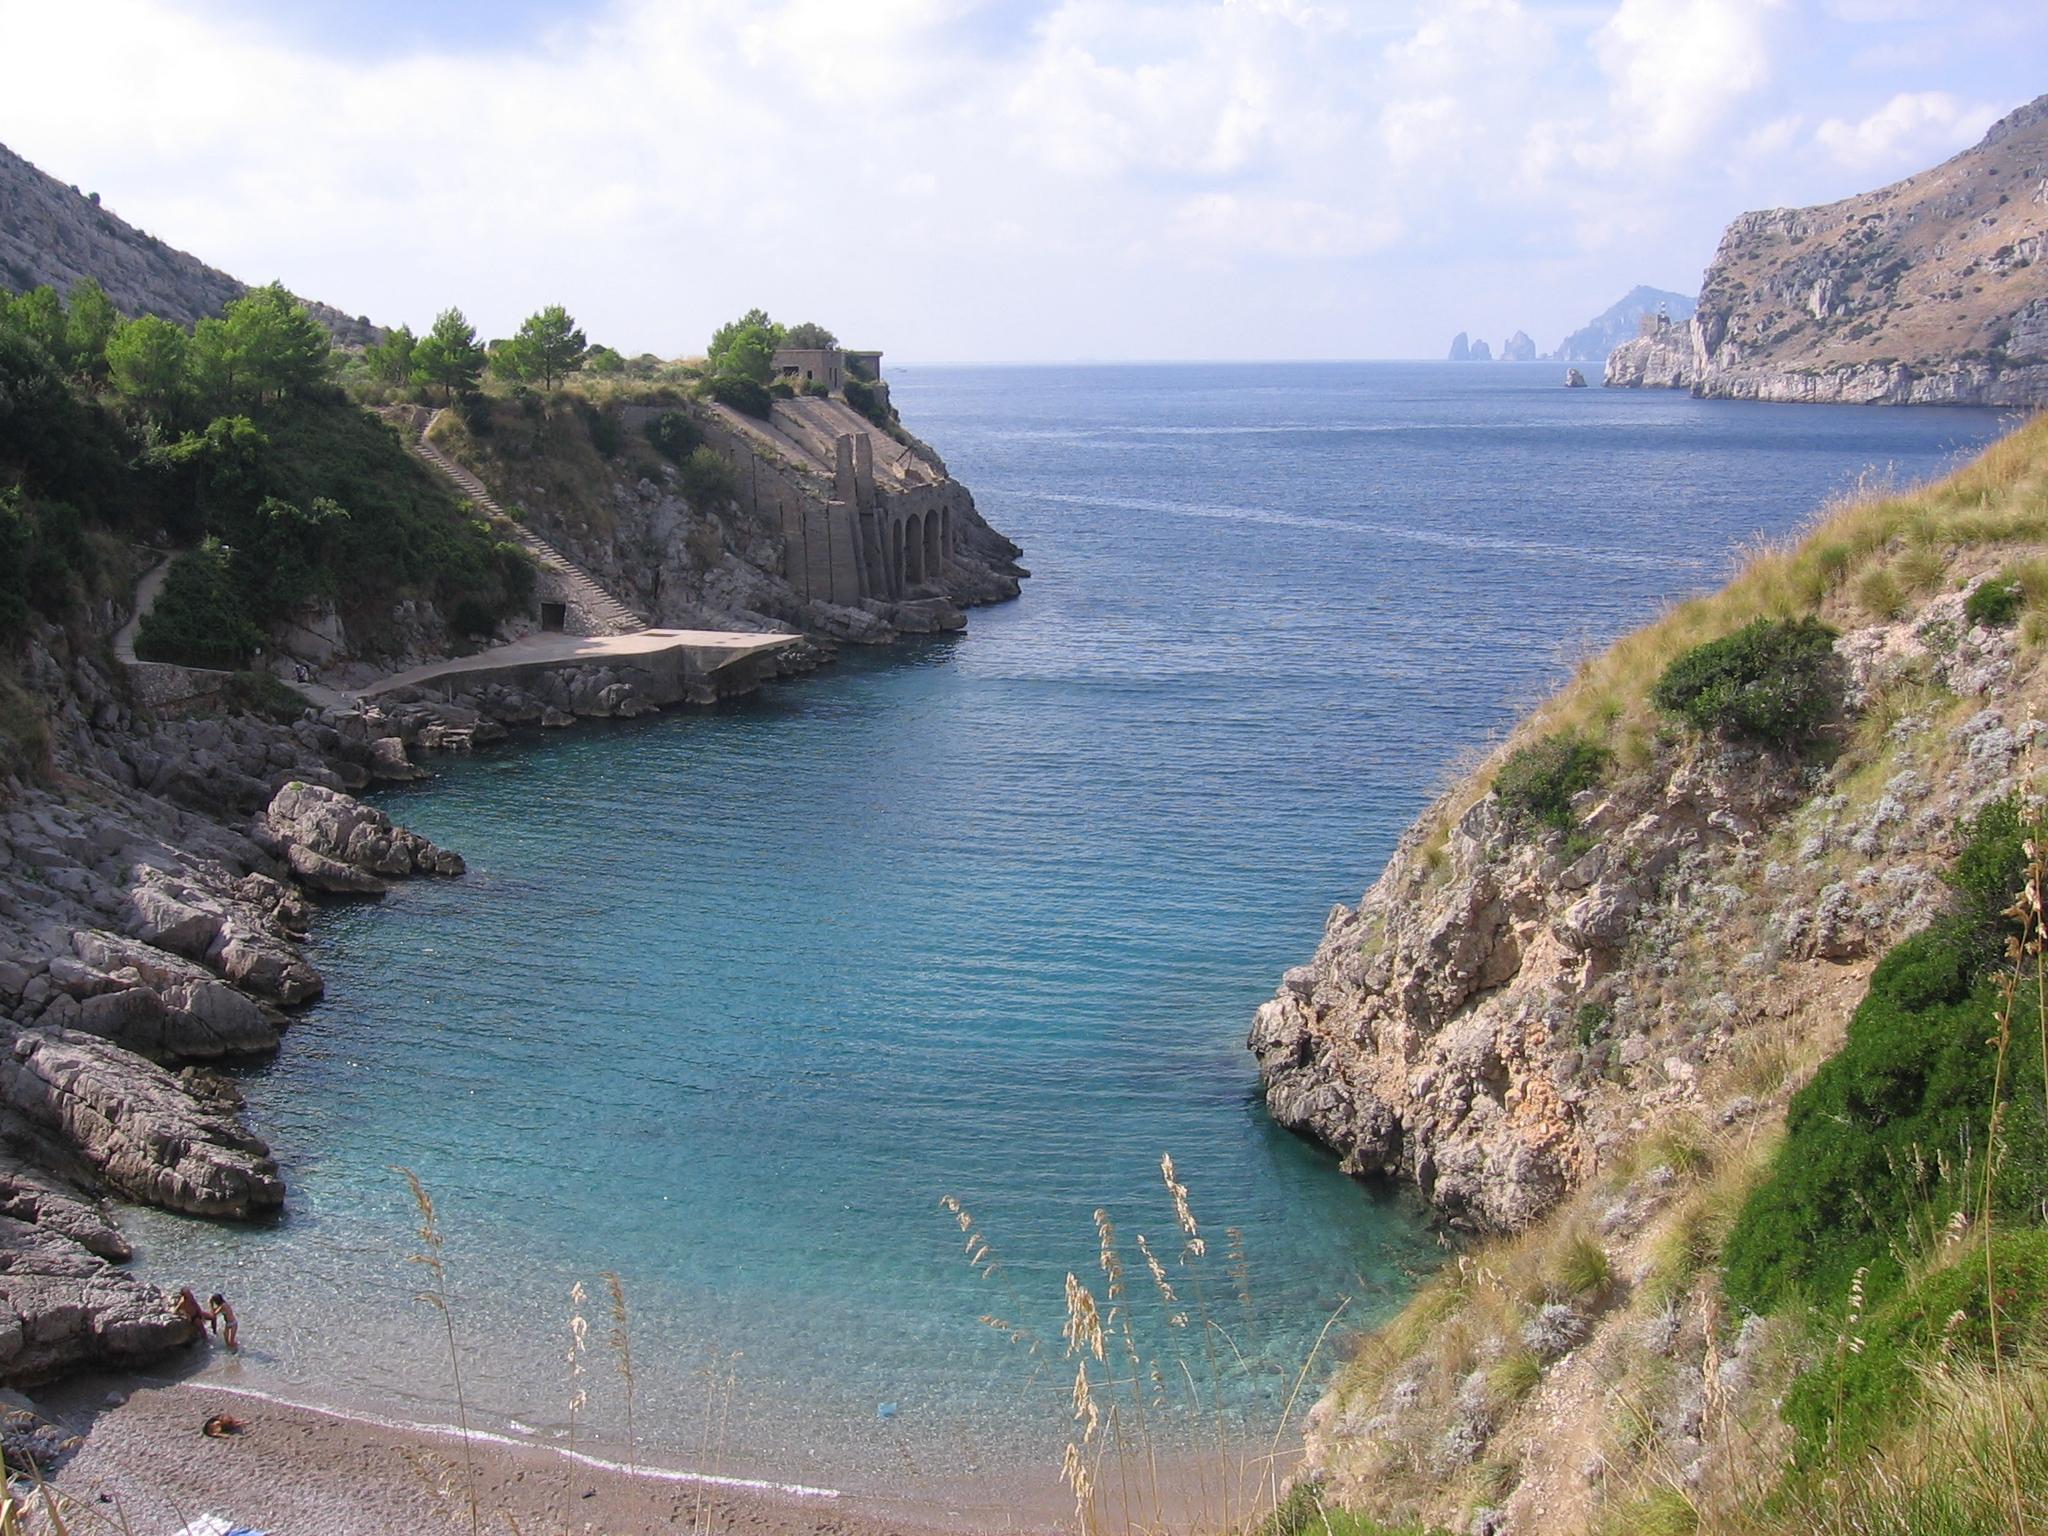 Bucht_am_Golf_von_Neapel.jpg (2048×1536)